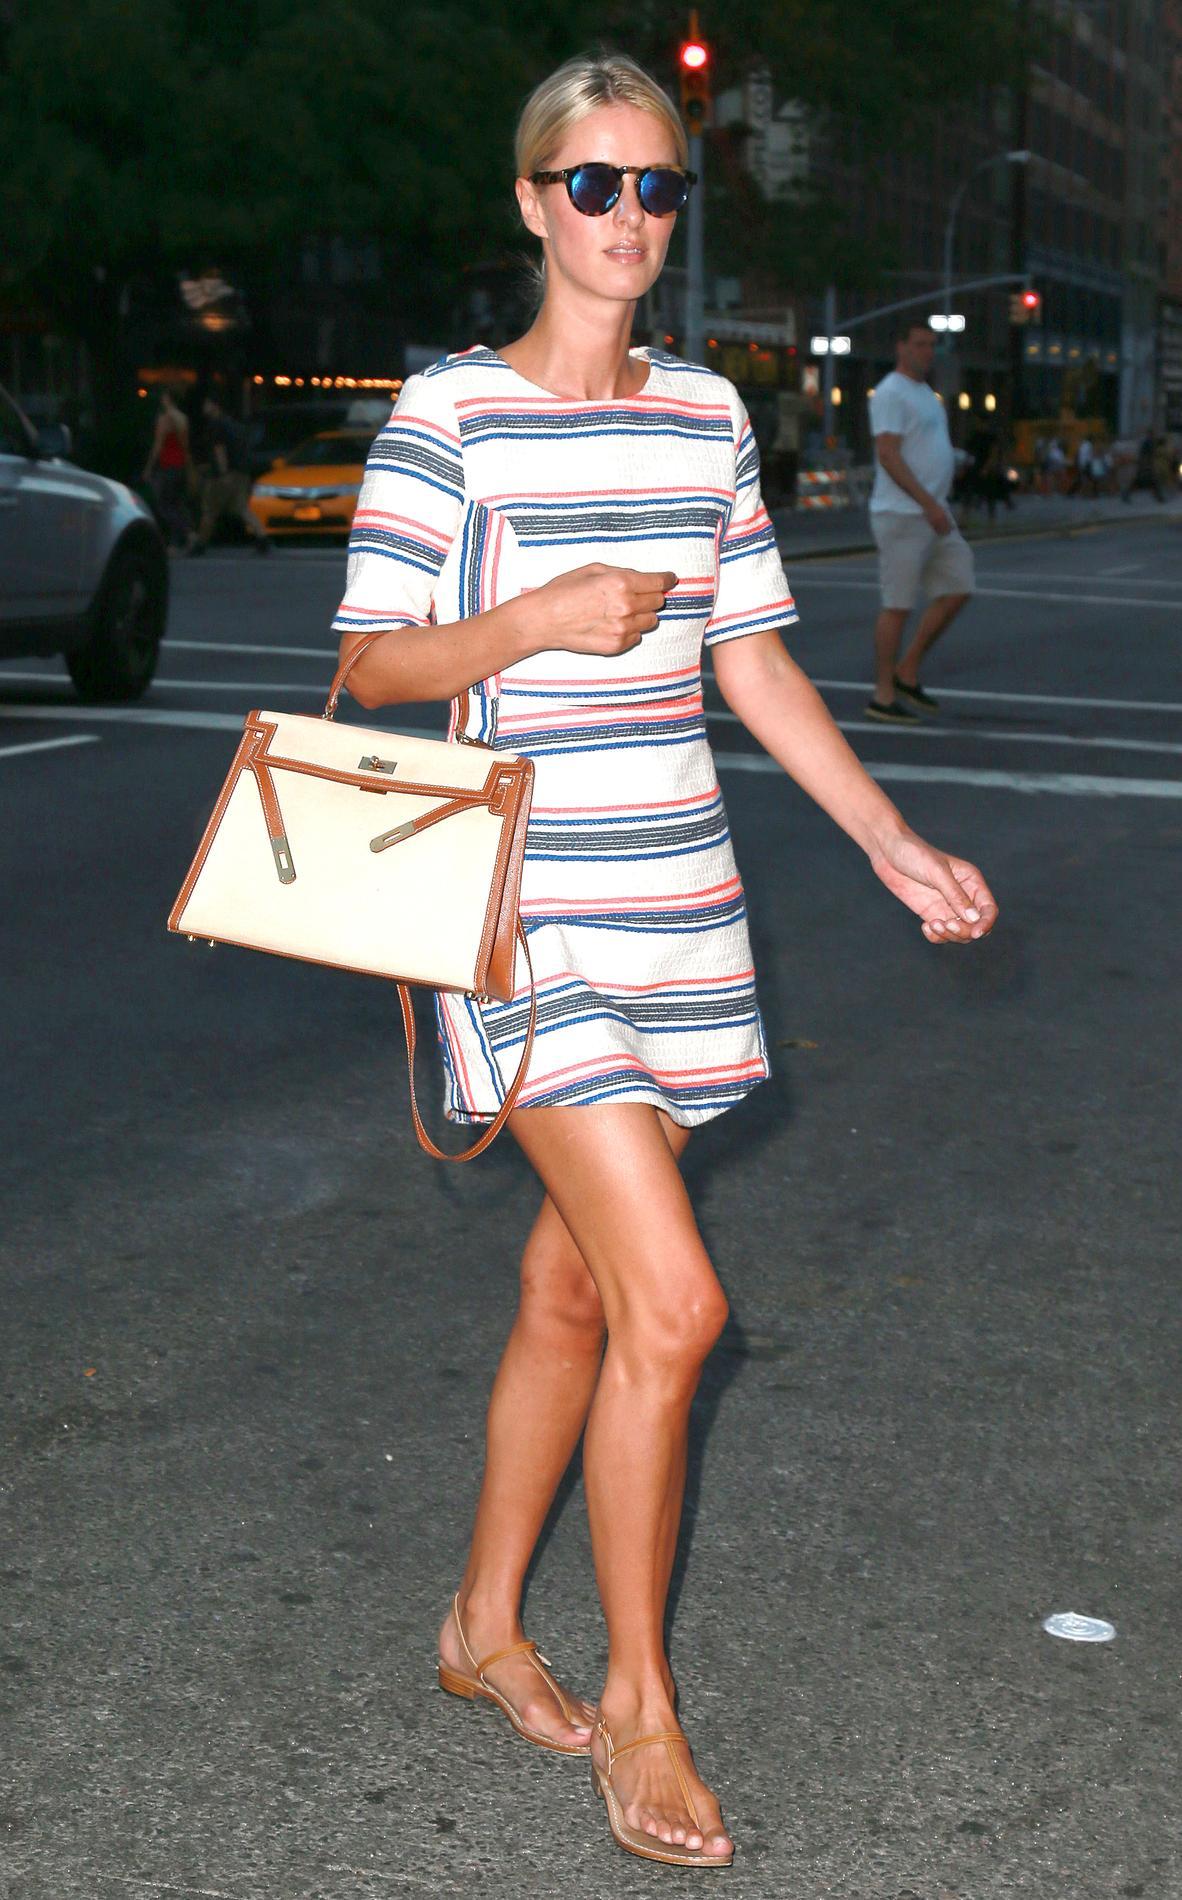 cf8e5a2c73 Photo DP Collector Square De Miranda Kerr à Eva Longoria, cinq façons de  porter le Kelly d'Hermès ...